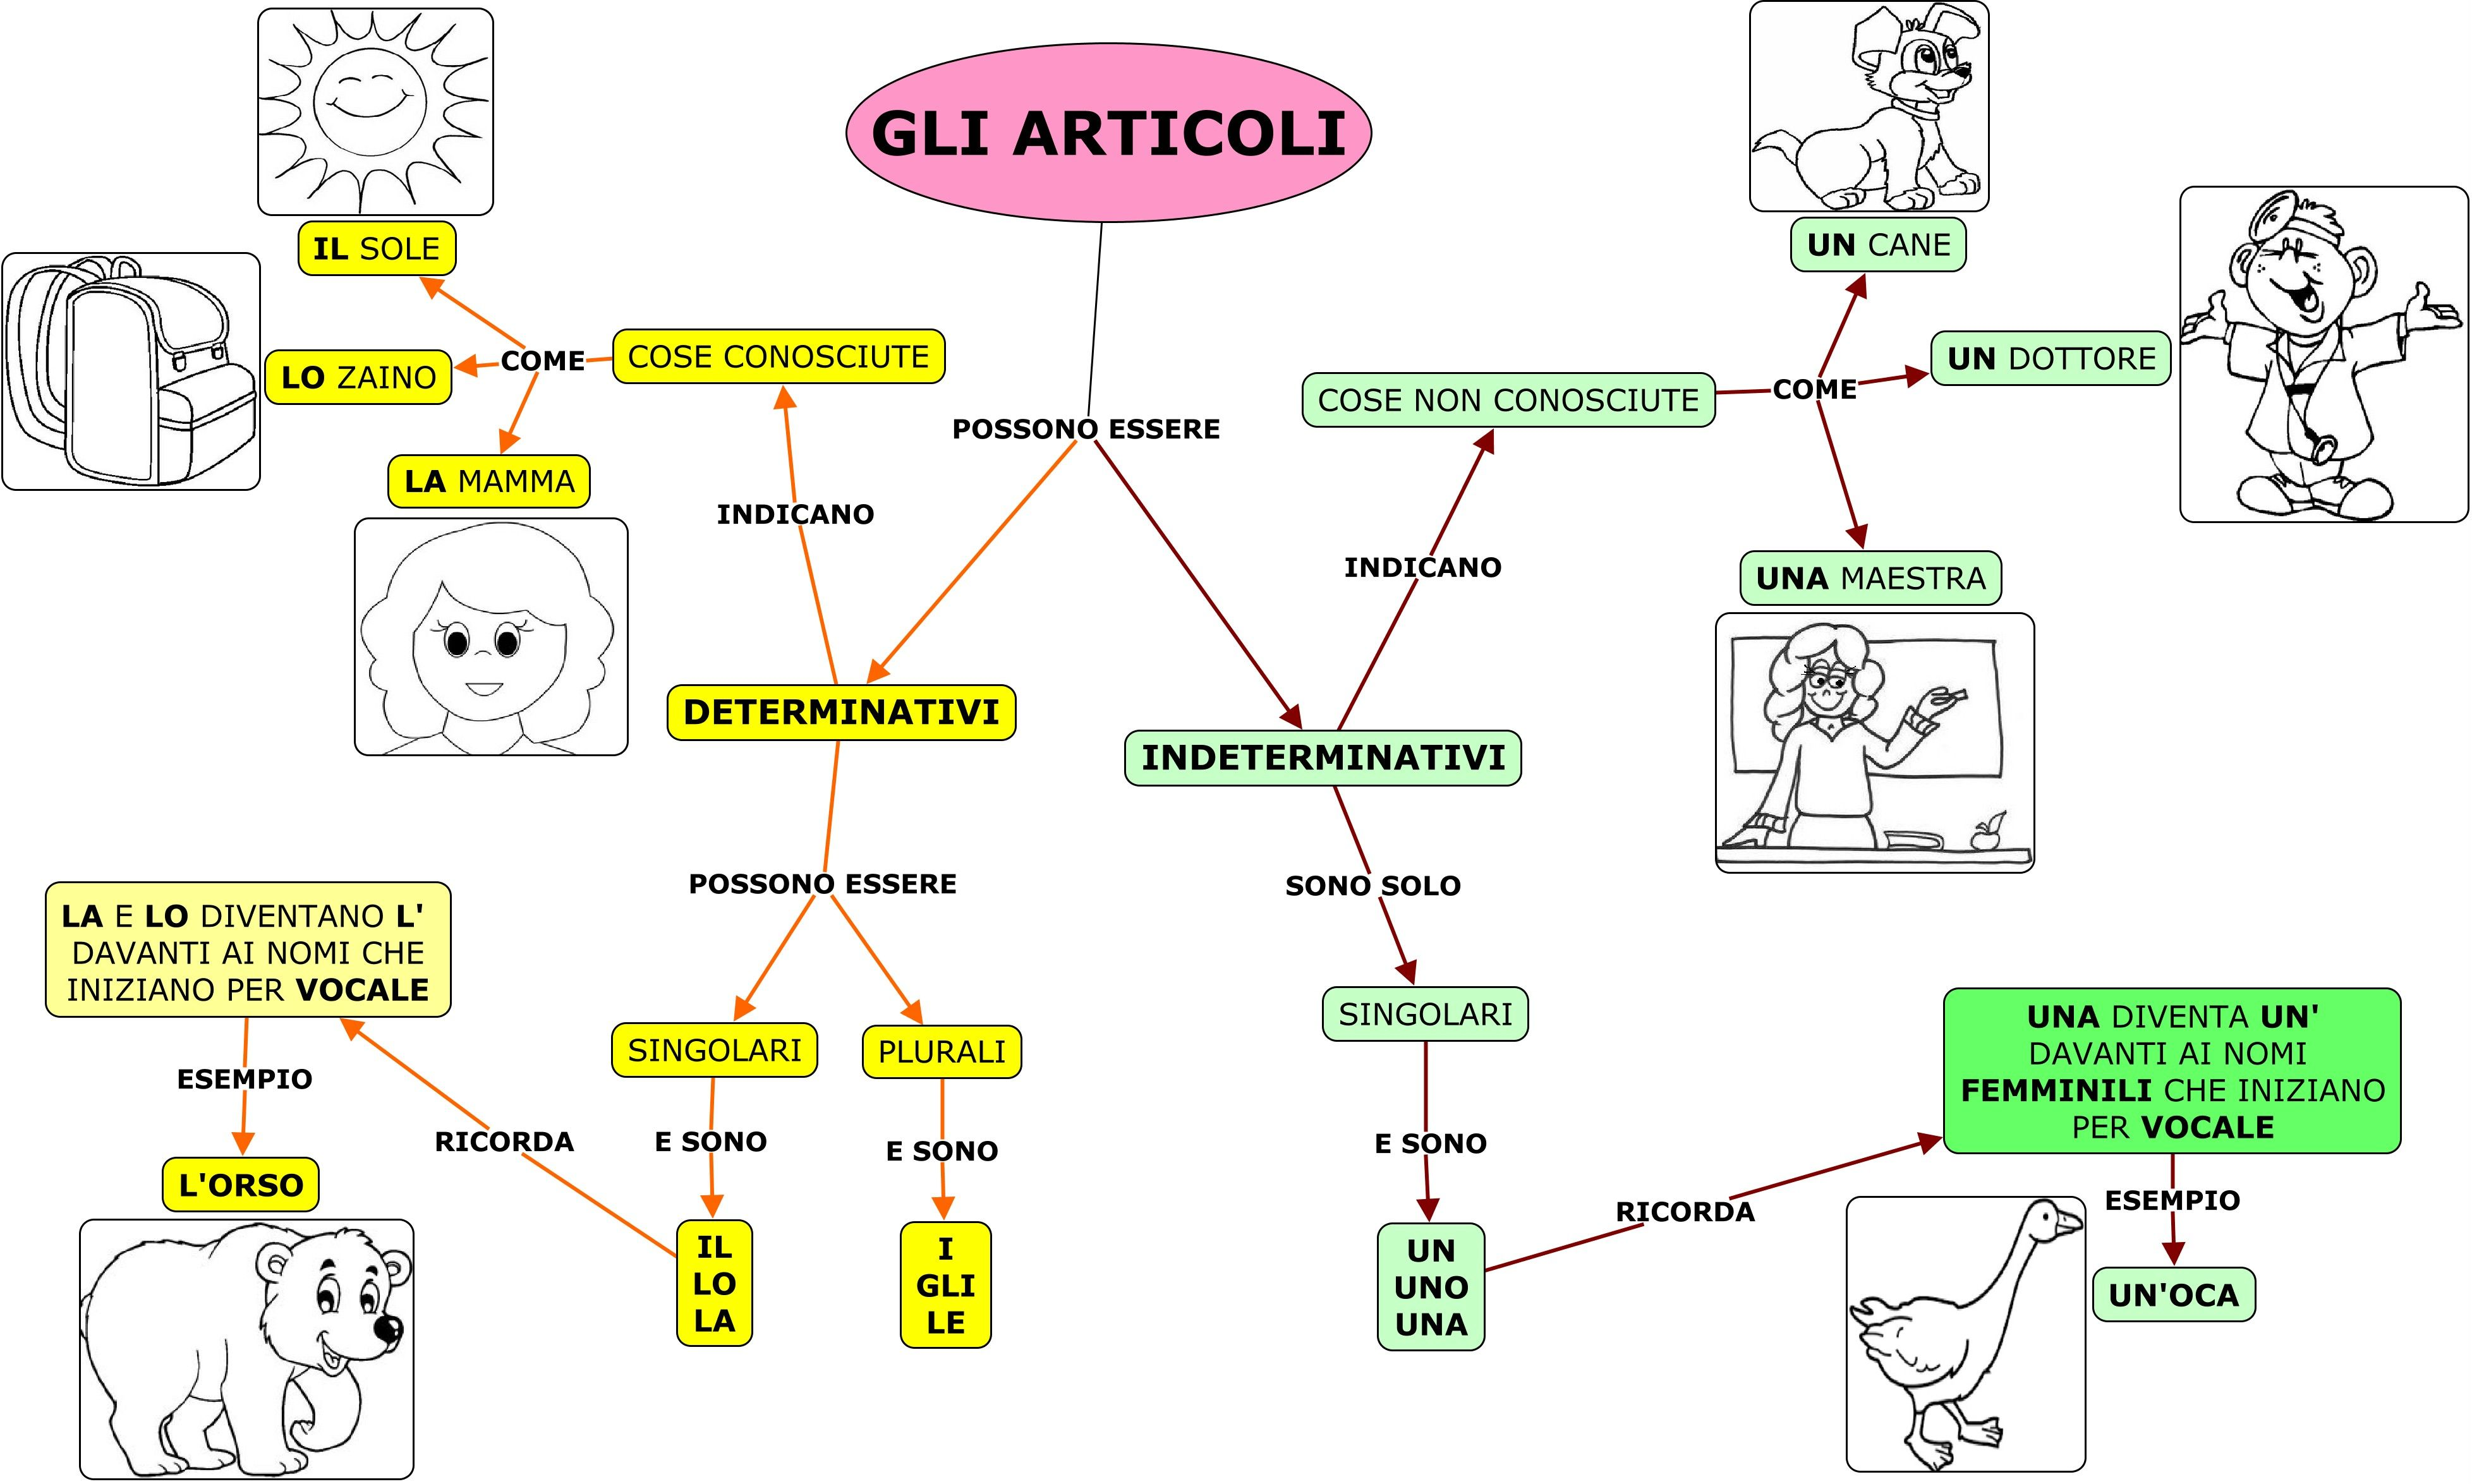 Articoli6 Jpg 3912 2349 Mappe Concettuali Mappa Attività Di Grammatica